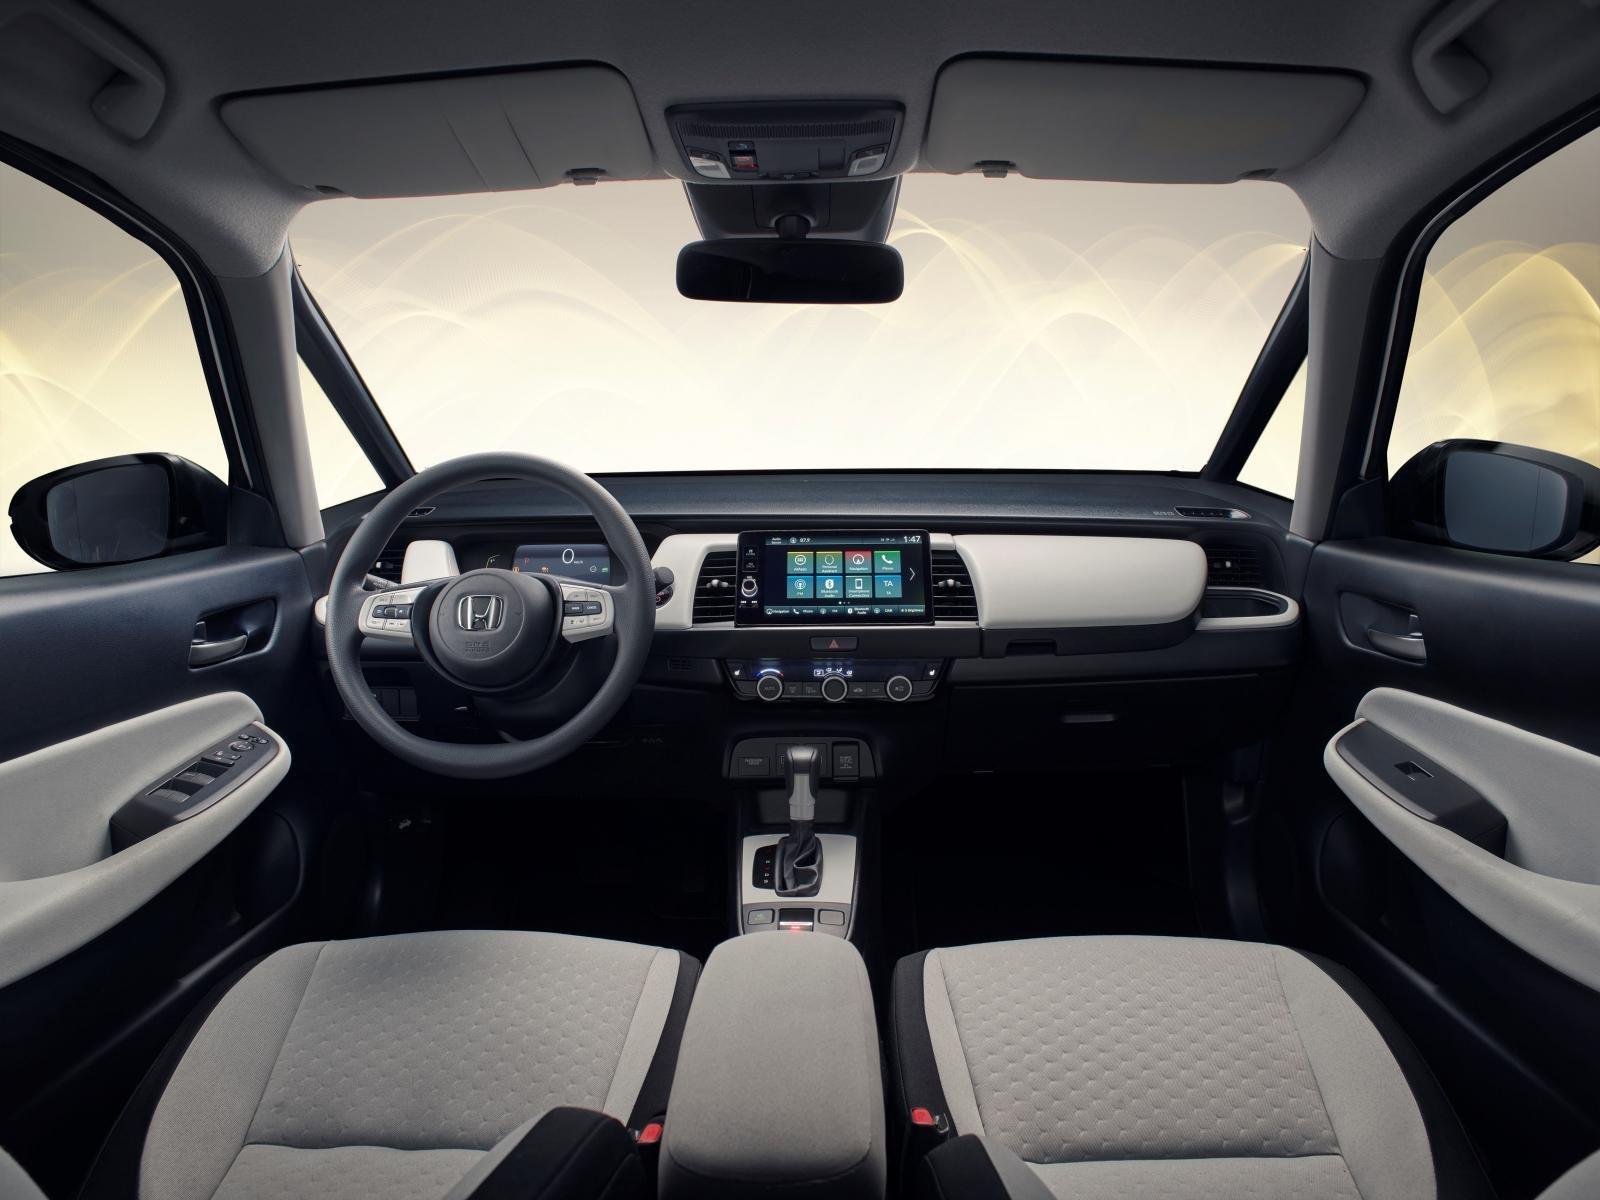 Honda Jazz 2020: chính diện bảng táp-lô